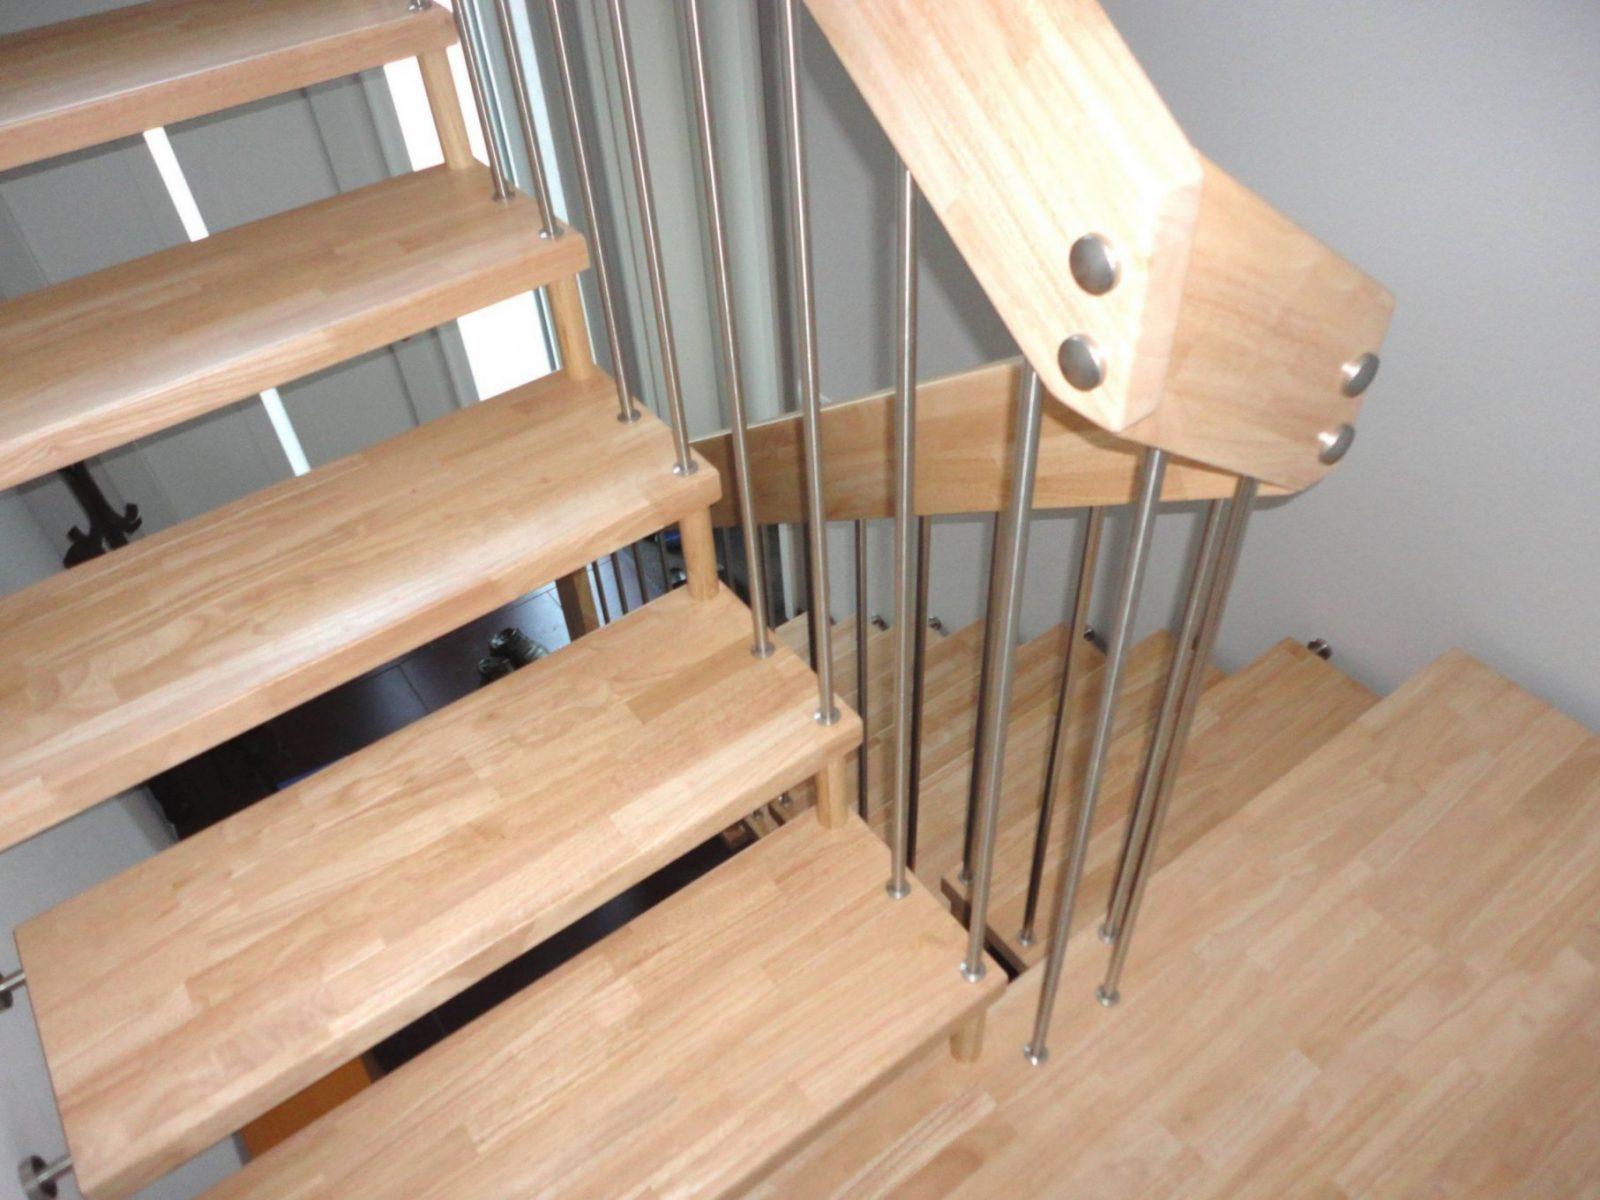 Treppe Selber Bauen Holz At Haus Design Information Ideas von Kindersicherung Treppe Selber Bauen Bild